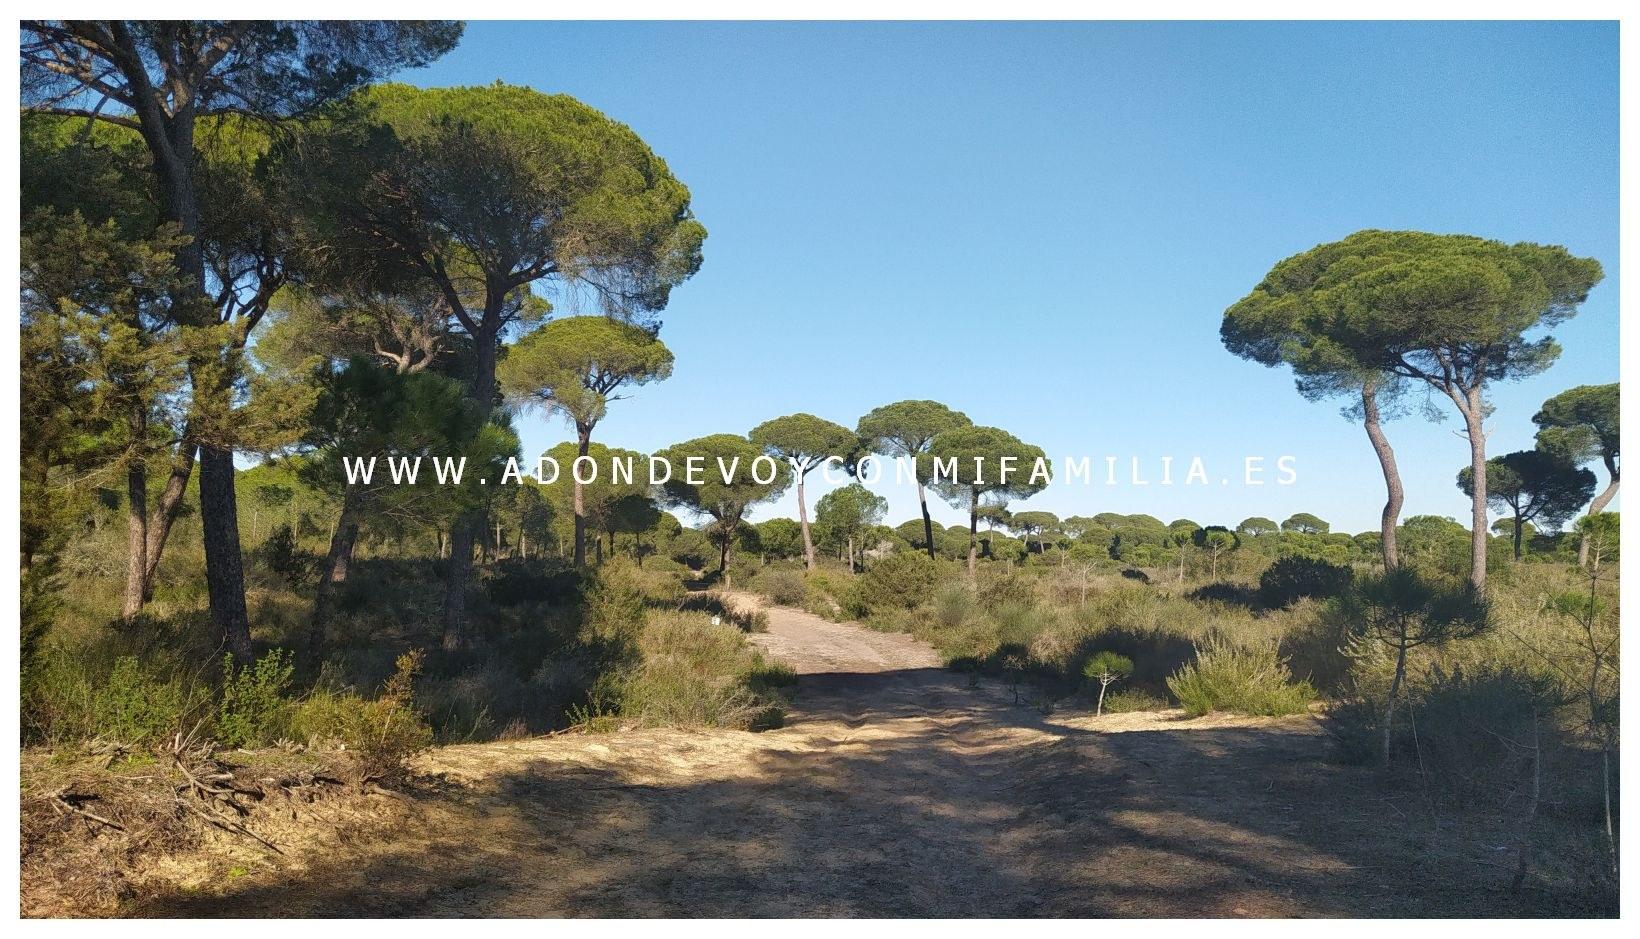 sendero-cerro-del-aguila-pinar-de-la-algaida-sanlucar-adondevoyconmifamilia-57